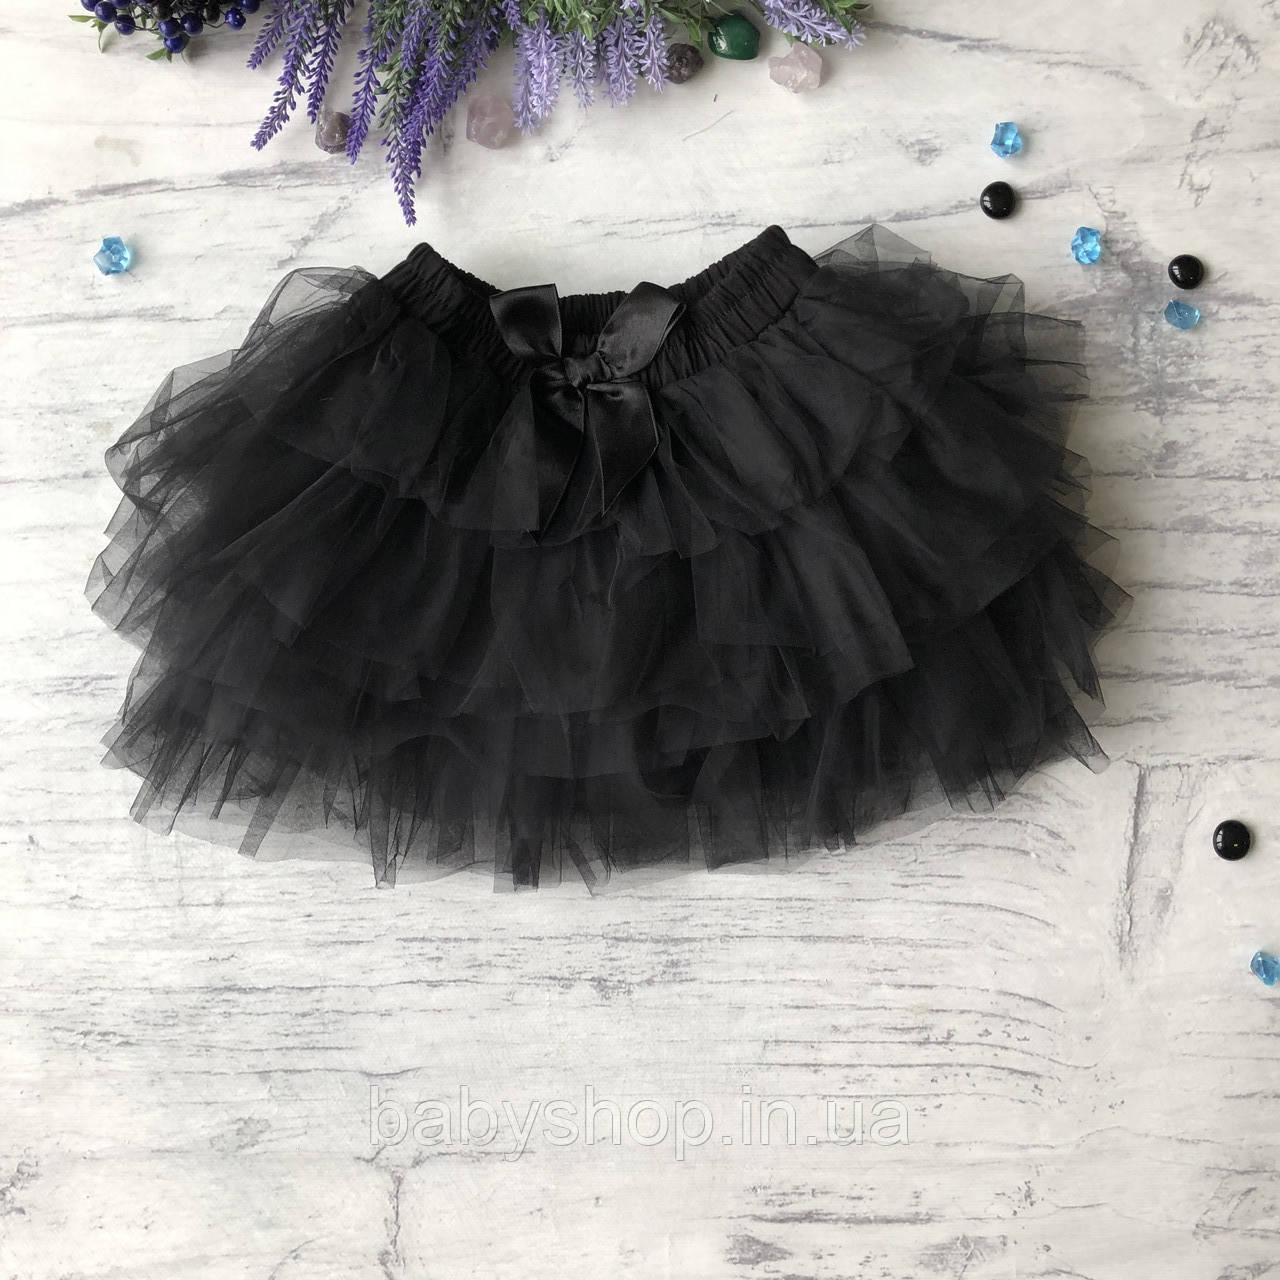 Пышная черная юбка на девочку Breeze. Размер 98 см, 104 см, 110 см, 116 см, 122 см